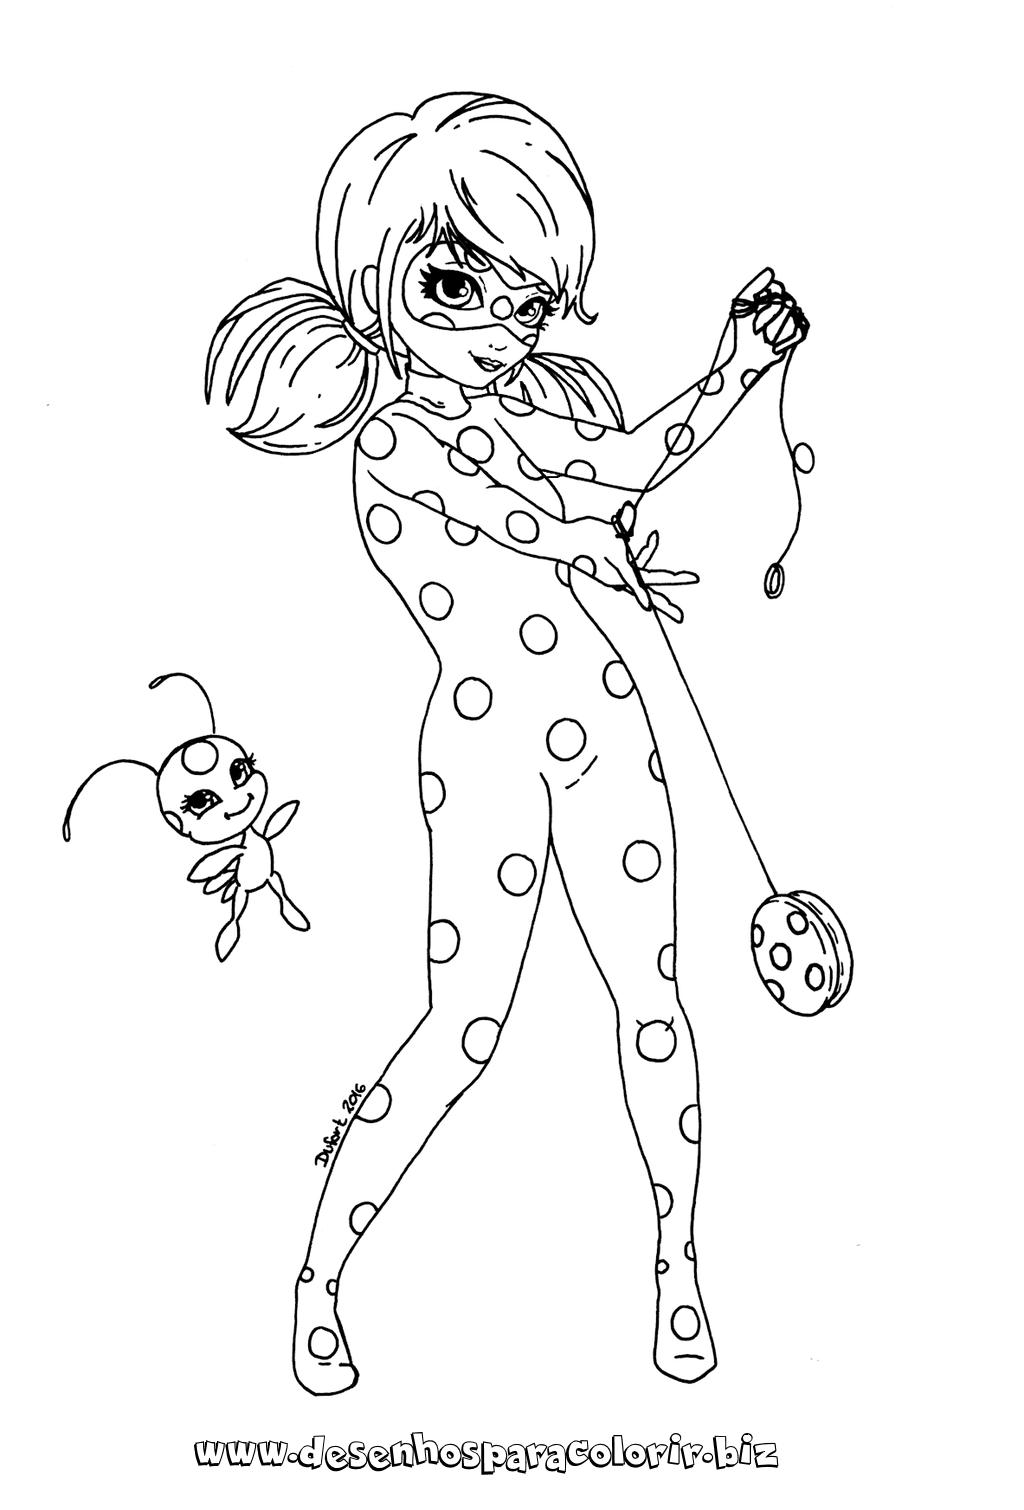 Resultado De Imagen Para Dibujo De Ladybug Para Imprimir Colorear